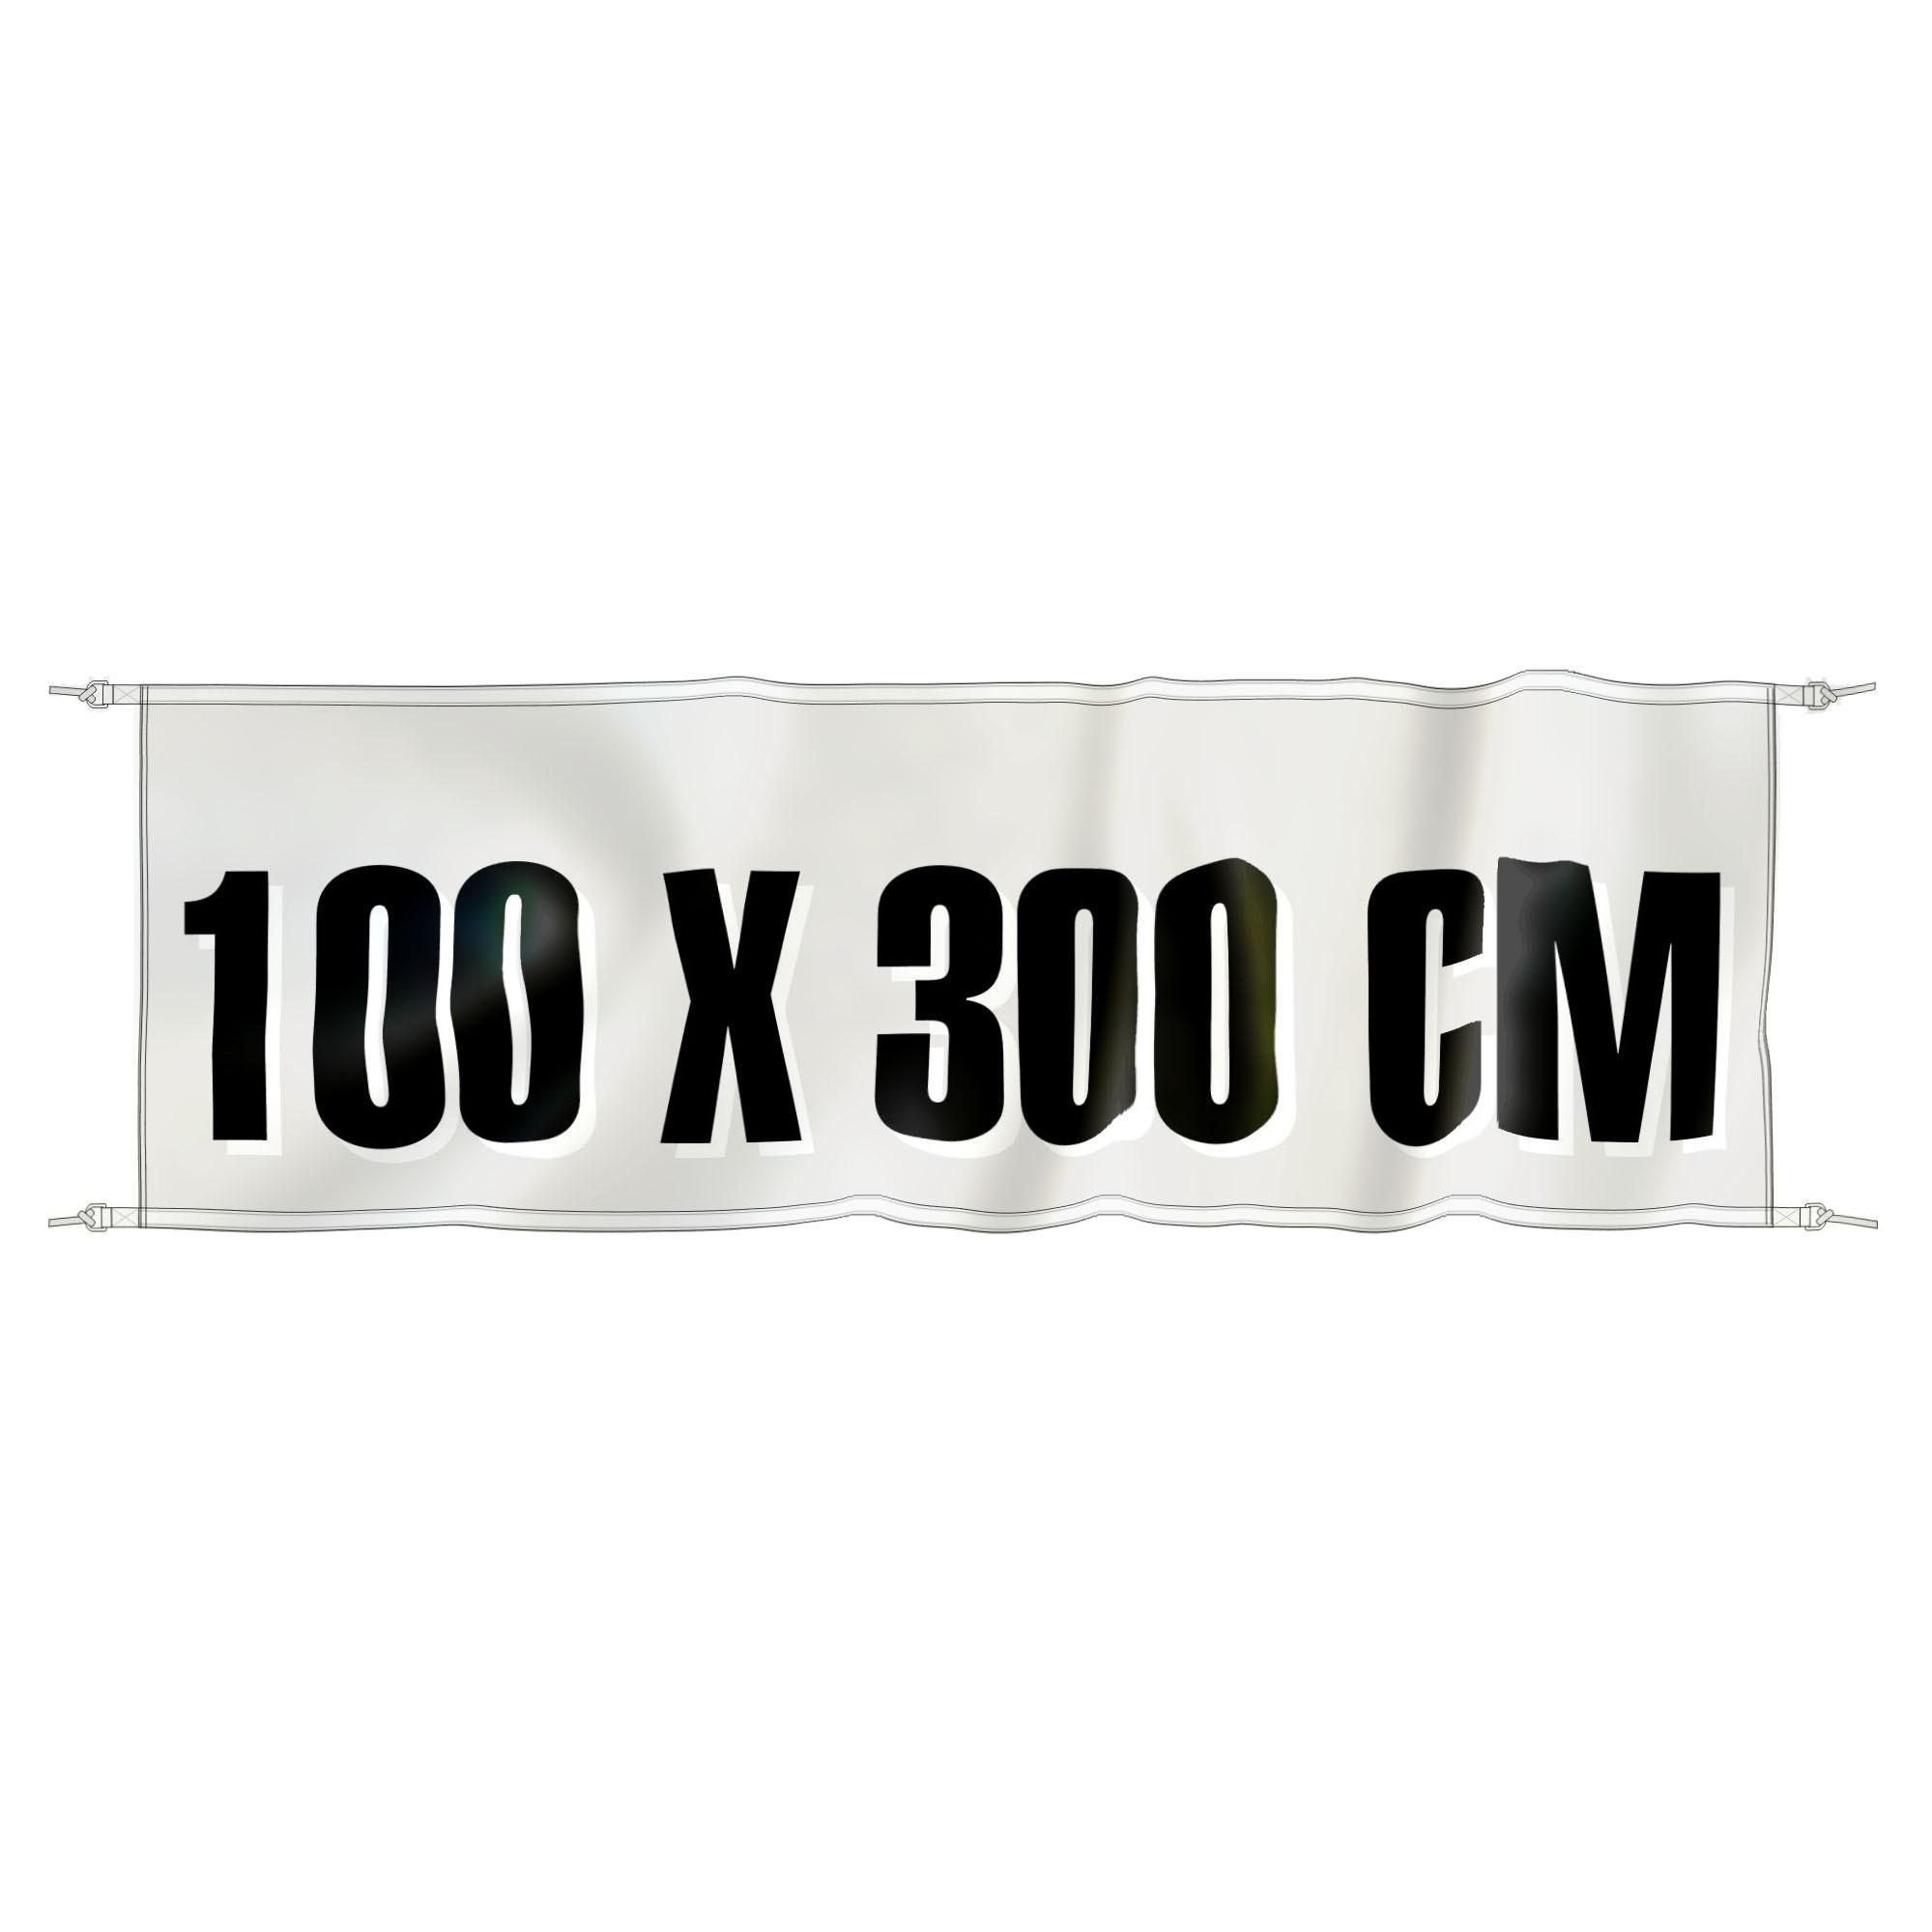 Spandoek 300 cm x 100 cm, fullcolor, glanspolyester 120 gr/m2